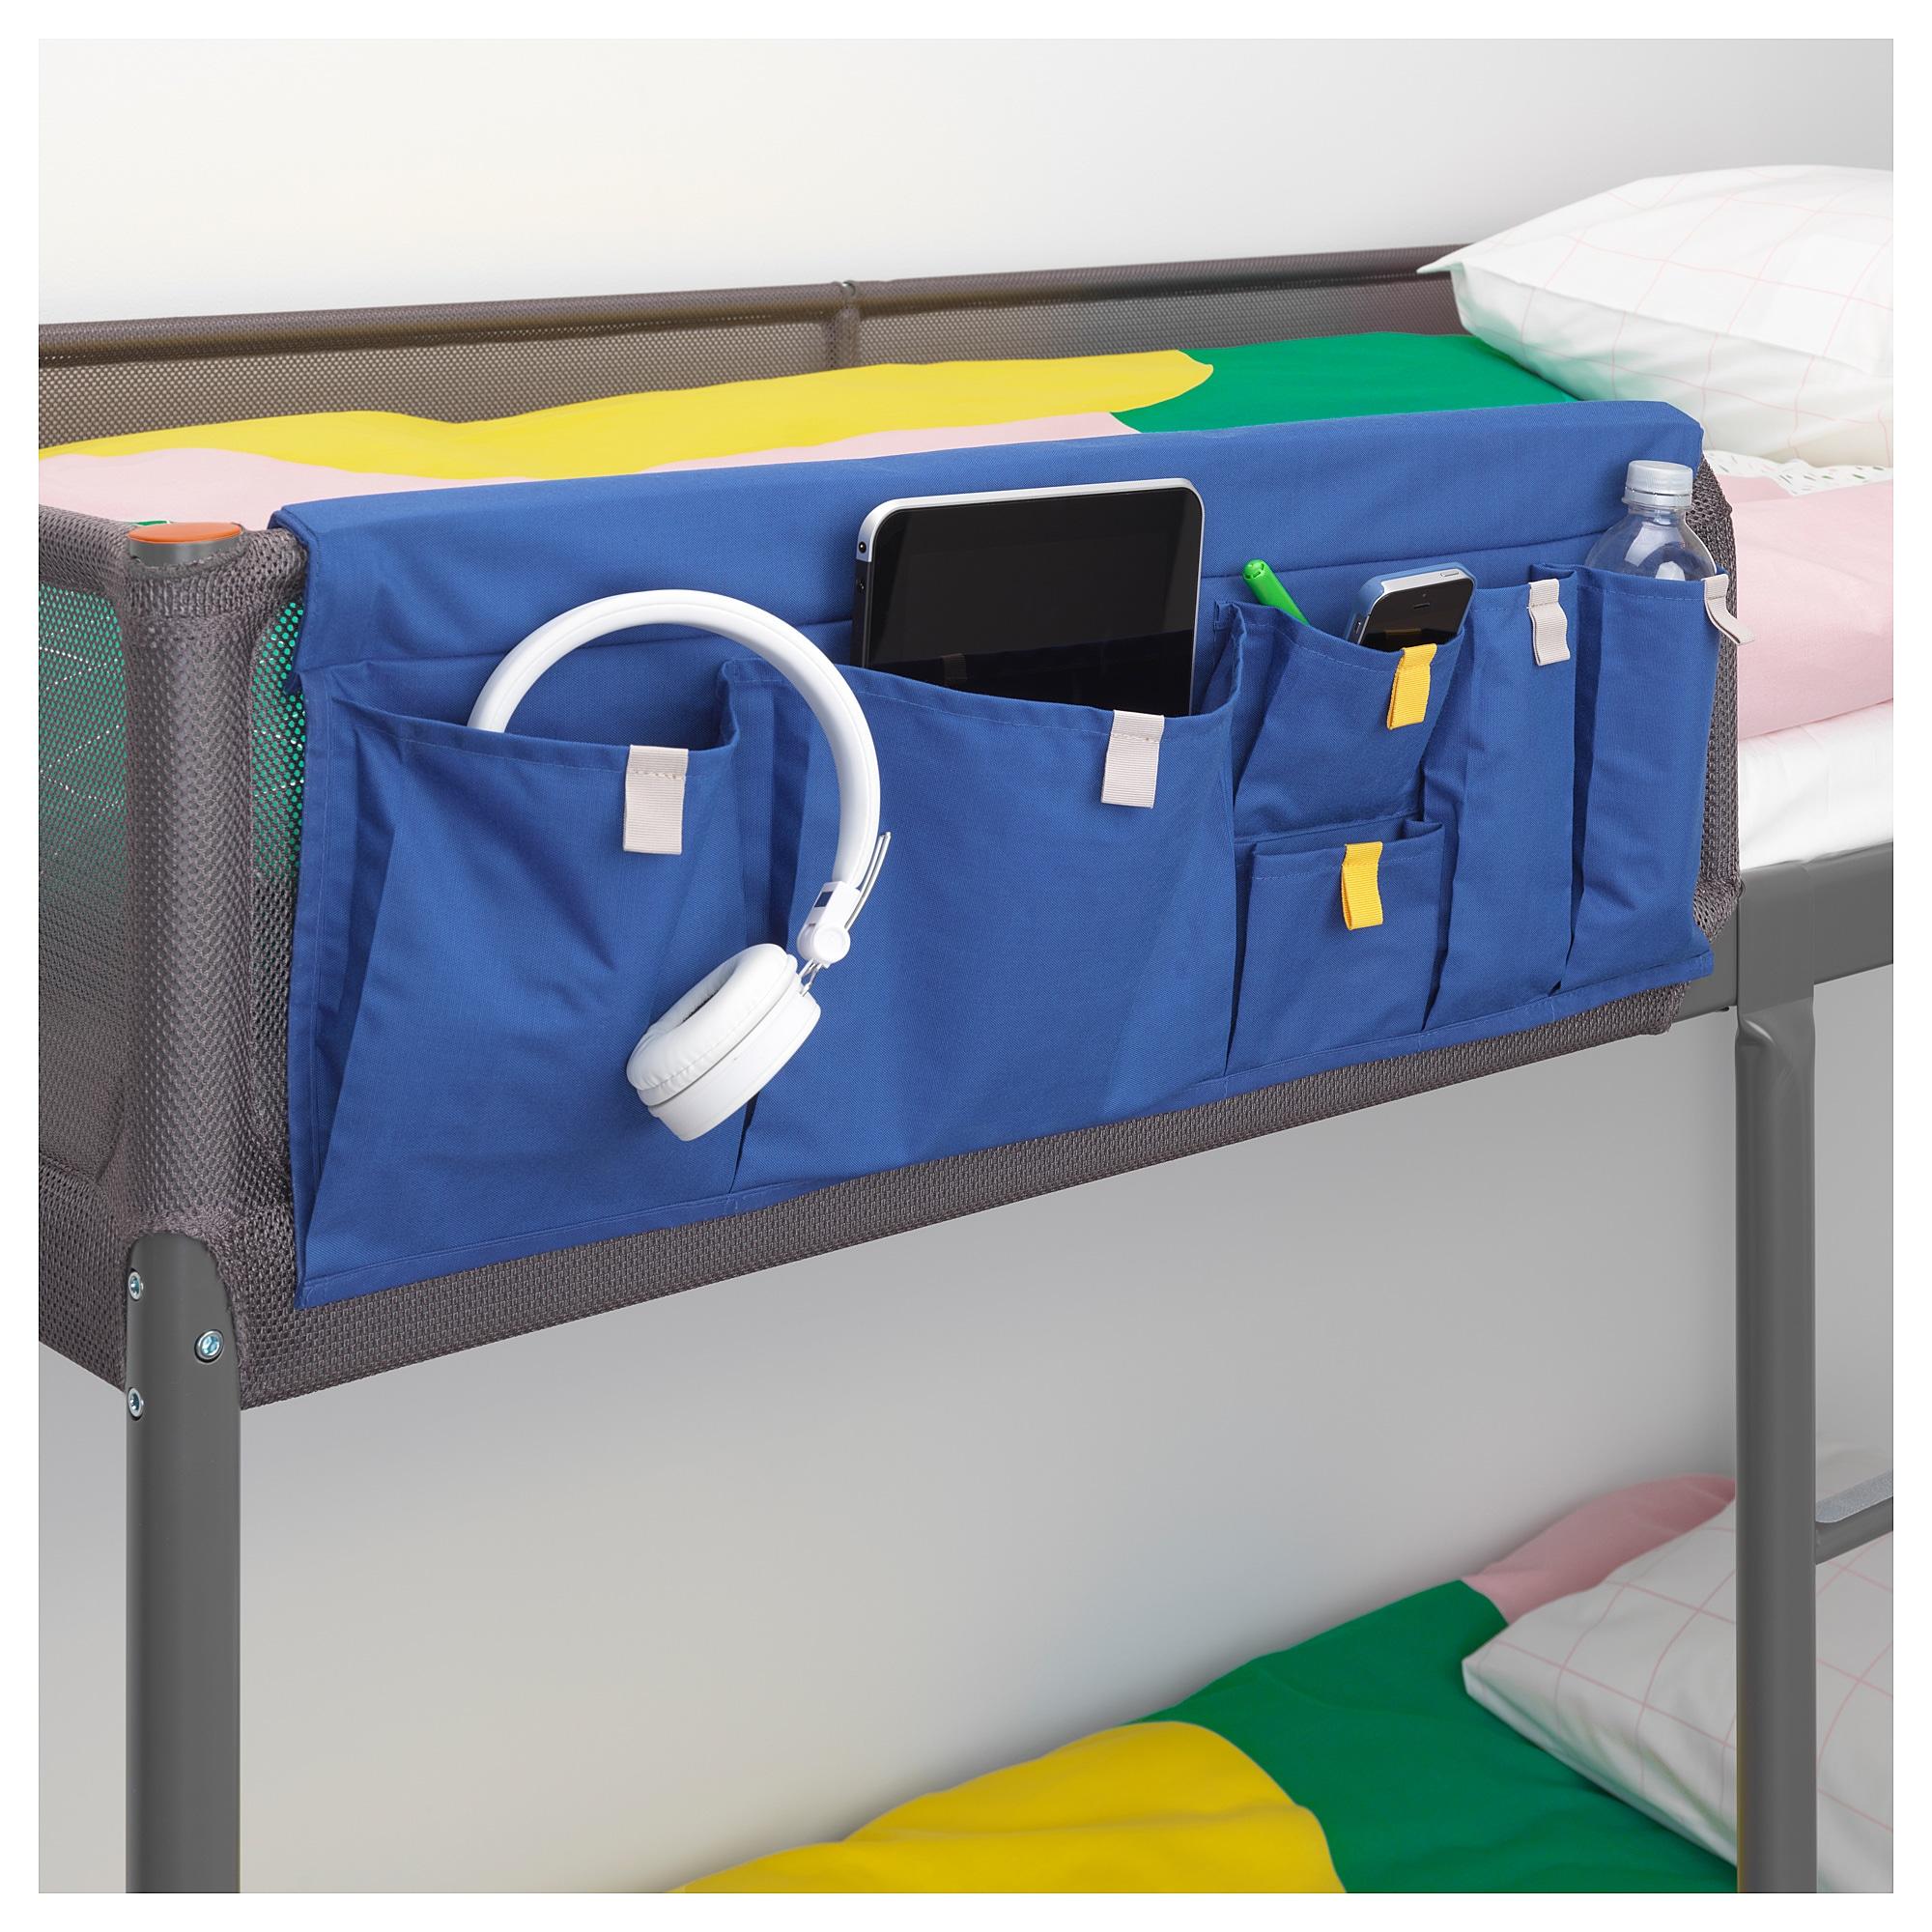 MÖJLIGHET Bed pocket, blue in 2019 Products Bed pocket